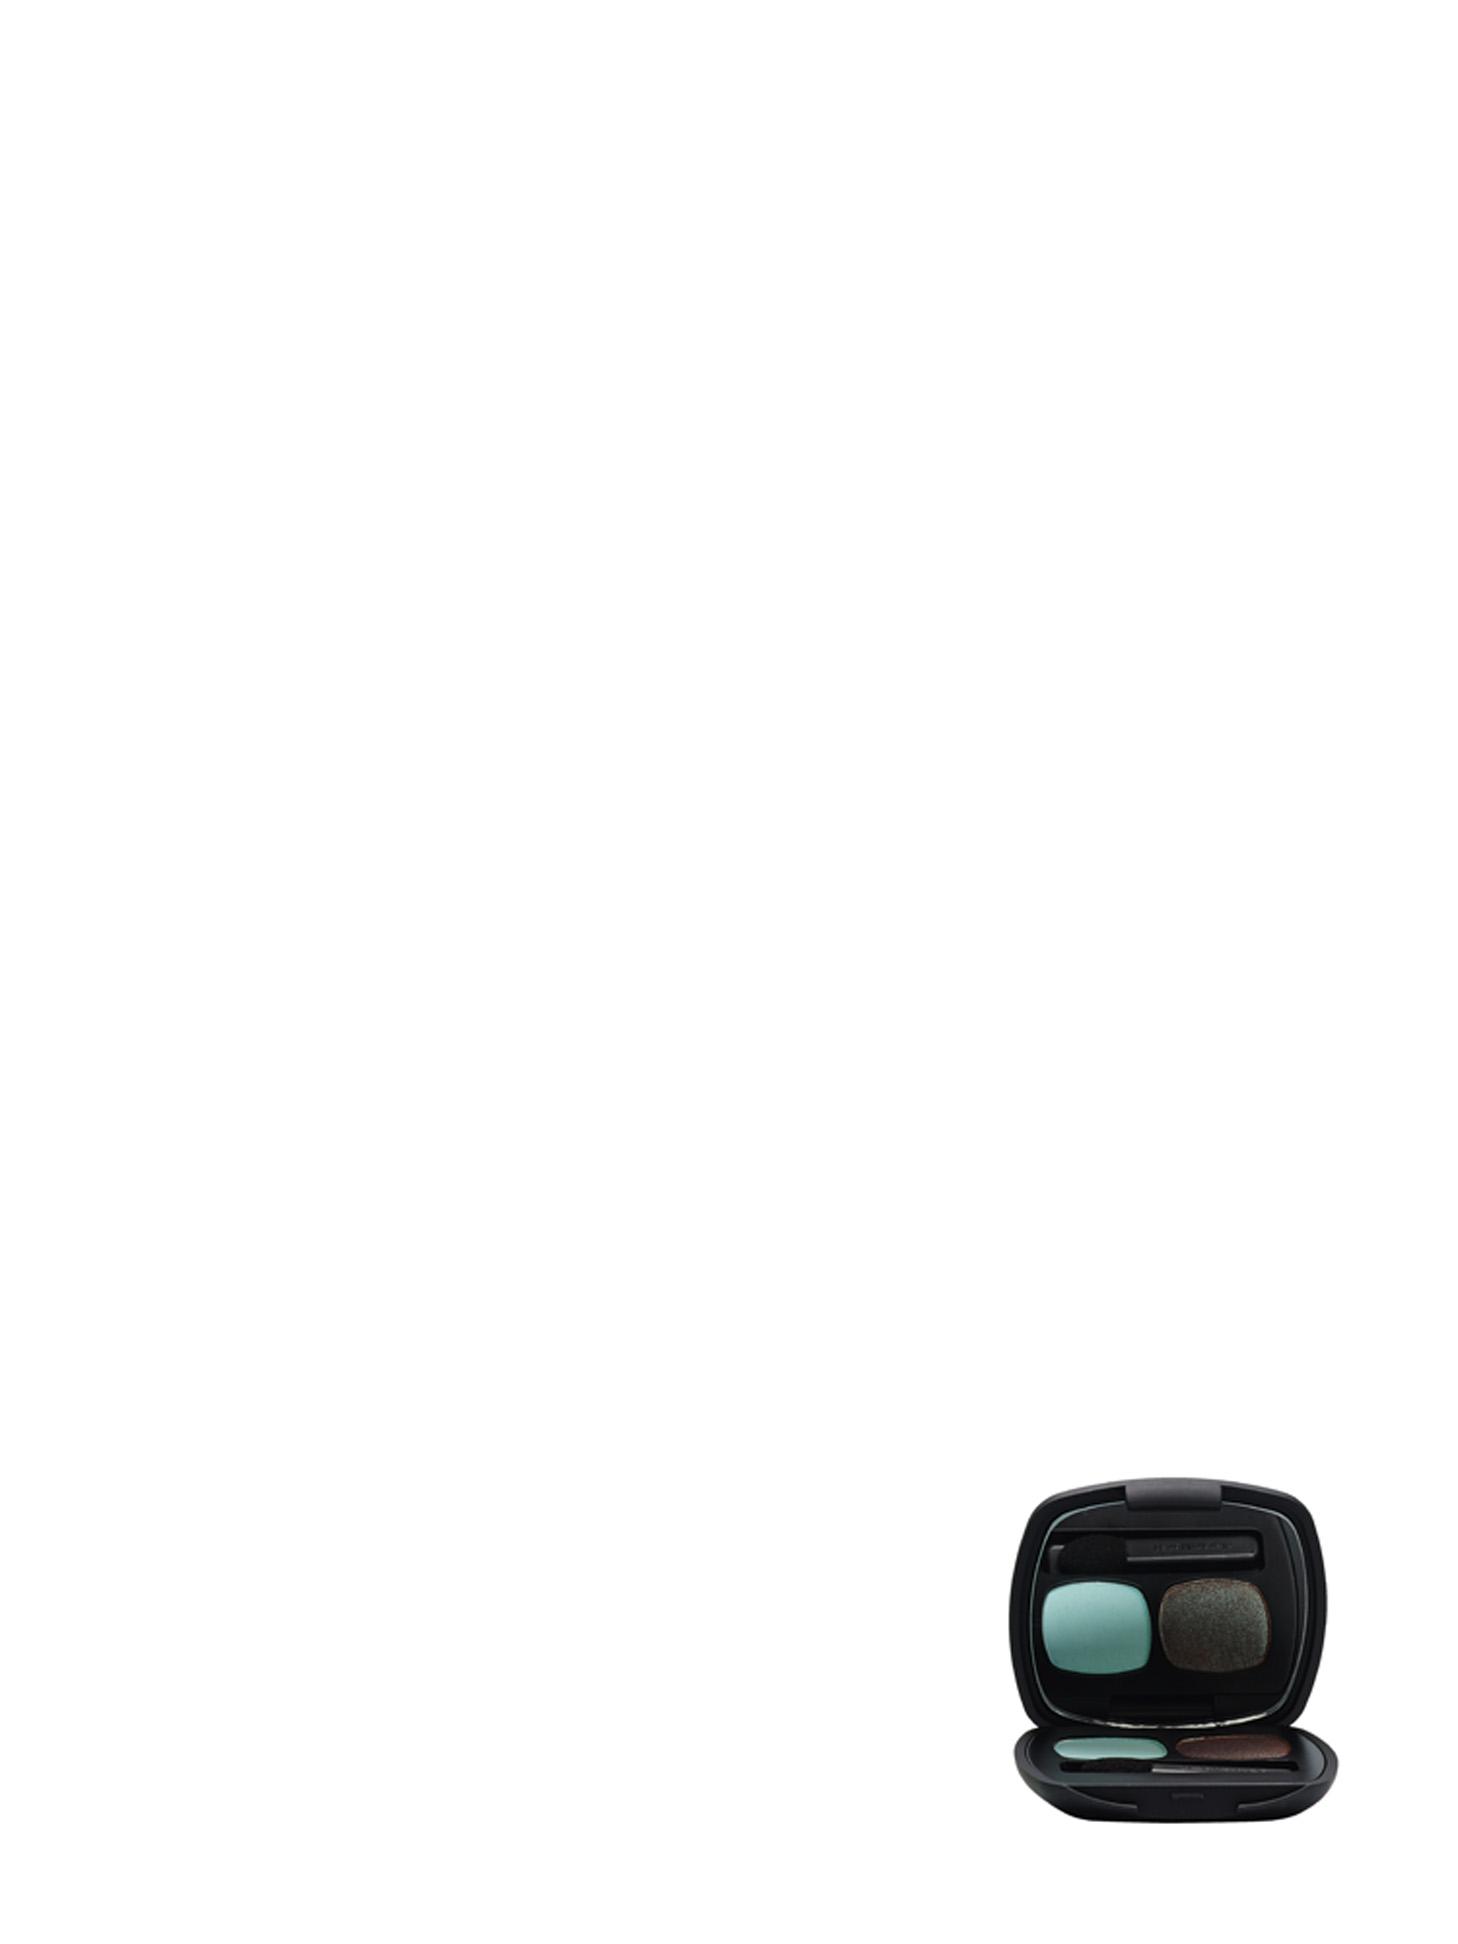 Cores e efeitos: Nova aposta da bareMinerals, as sombras compactas Ready Eyeshadow acabam de chegar ao Brasil. Com ação antioxidante e tecnologia que atenua o inchaço das pálpebras, as sombras estão disponíveis em duos e quartetos, que totalizam 60 cores em efeitos perolado, mate e cintilante. O duo The Vision traz um tom mate e outro furta-cor, perfeito para a noite. Vai lá: R$ 106. (11) 3716-1660